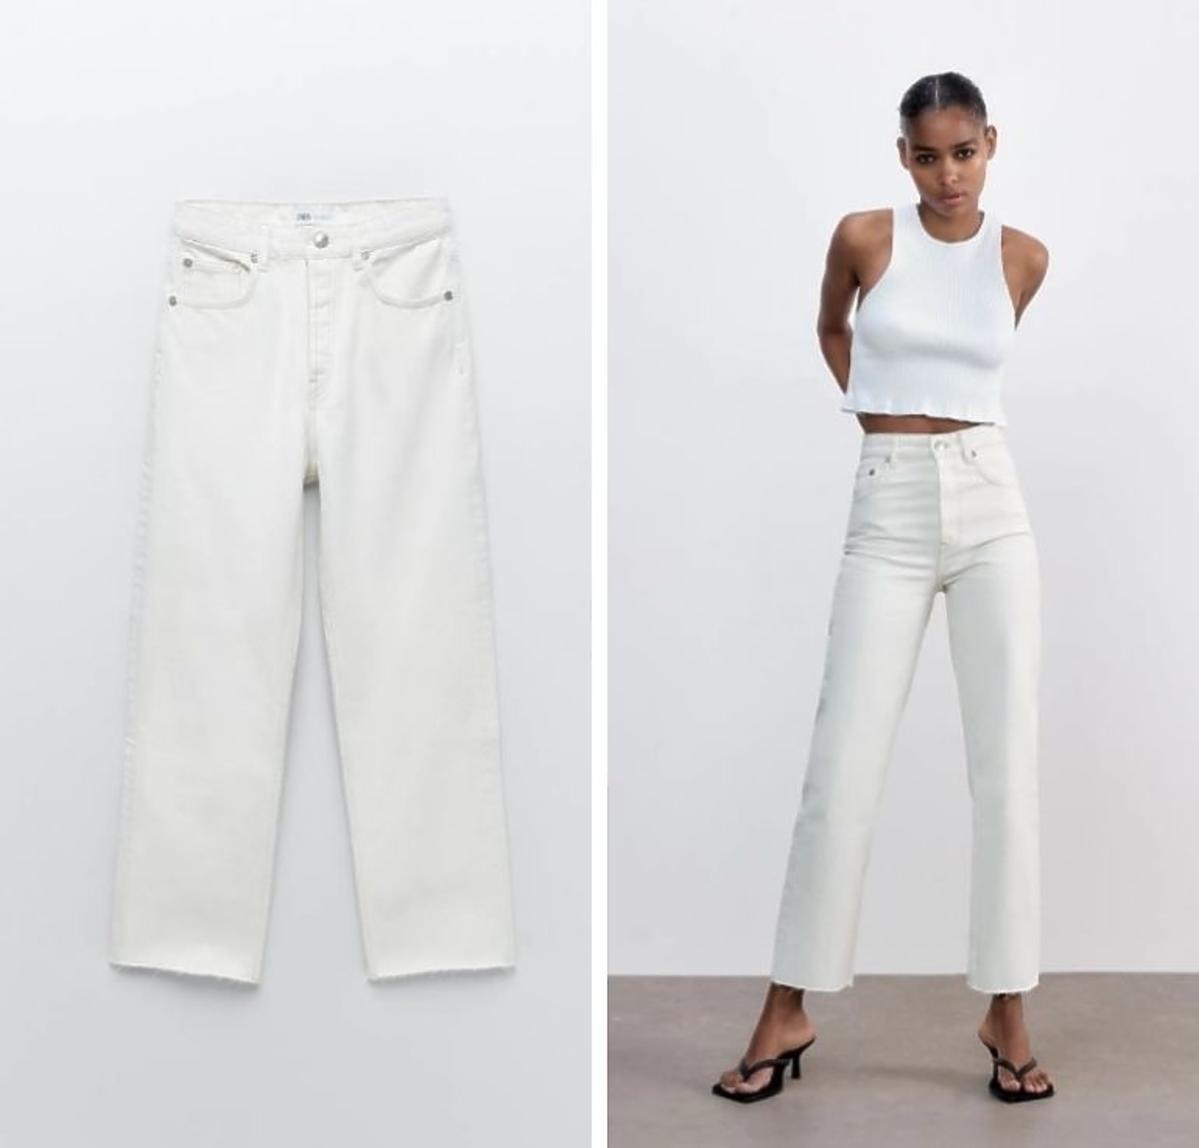 Białe jeansy Zara 119 zł w stylu Anny Lewandowskiej